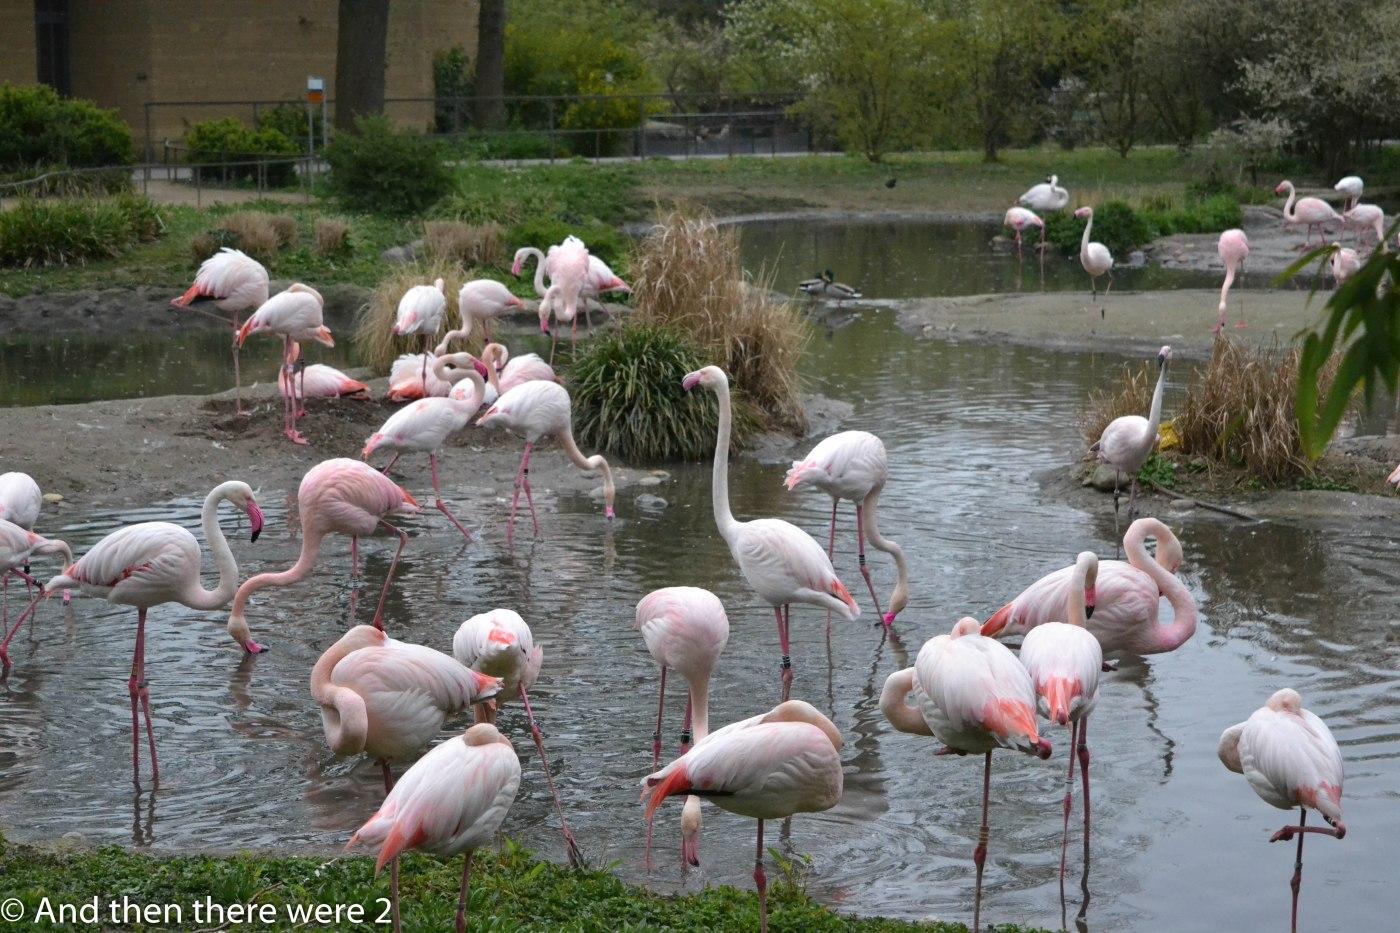 Flamingos at Basel Zoo